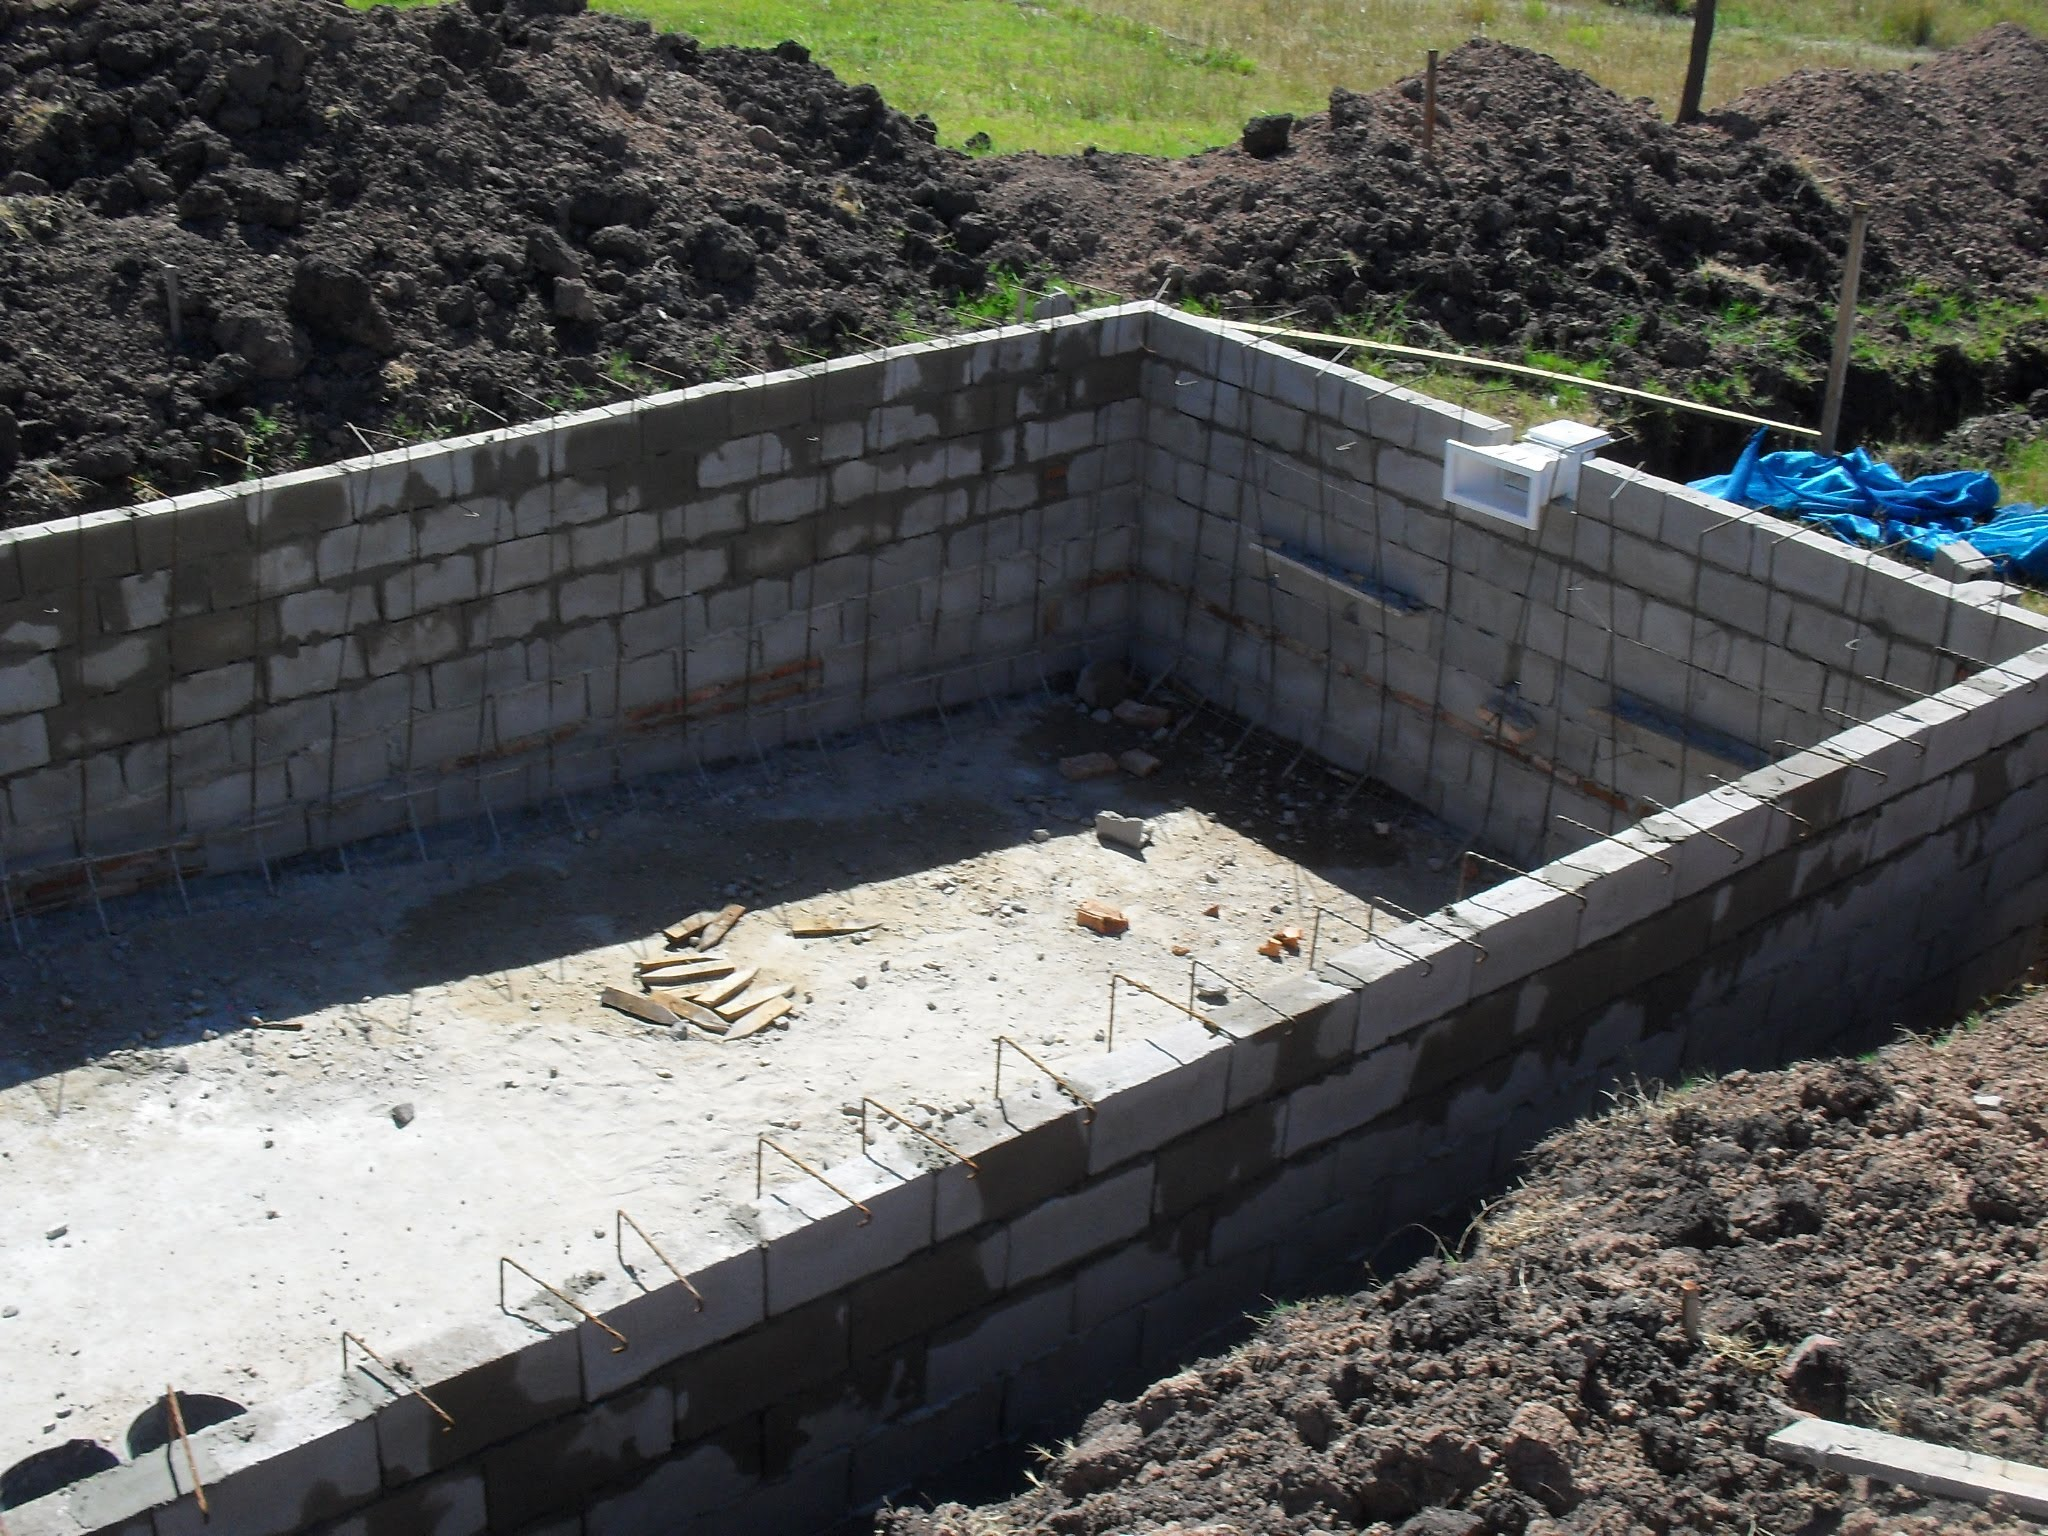 Como hacer una piscina de cemento paso a paso sencillo - Fabricacion de piscinas ...